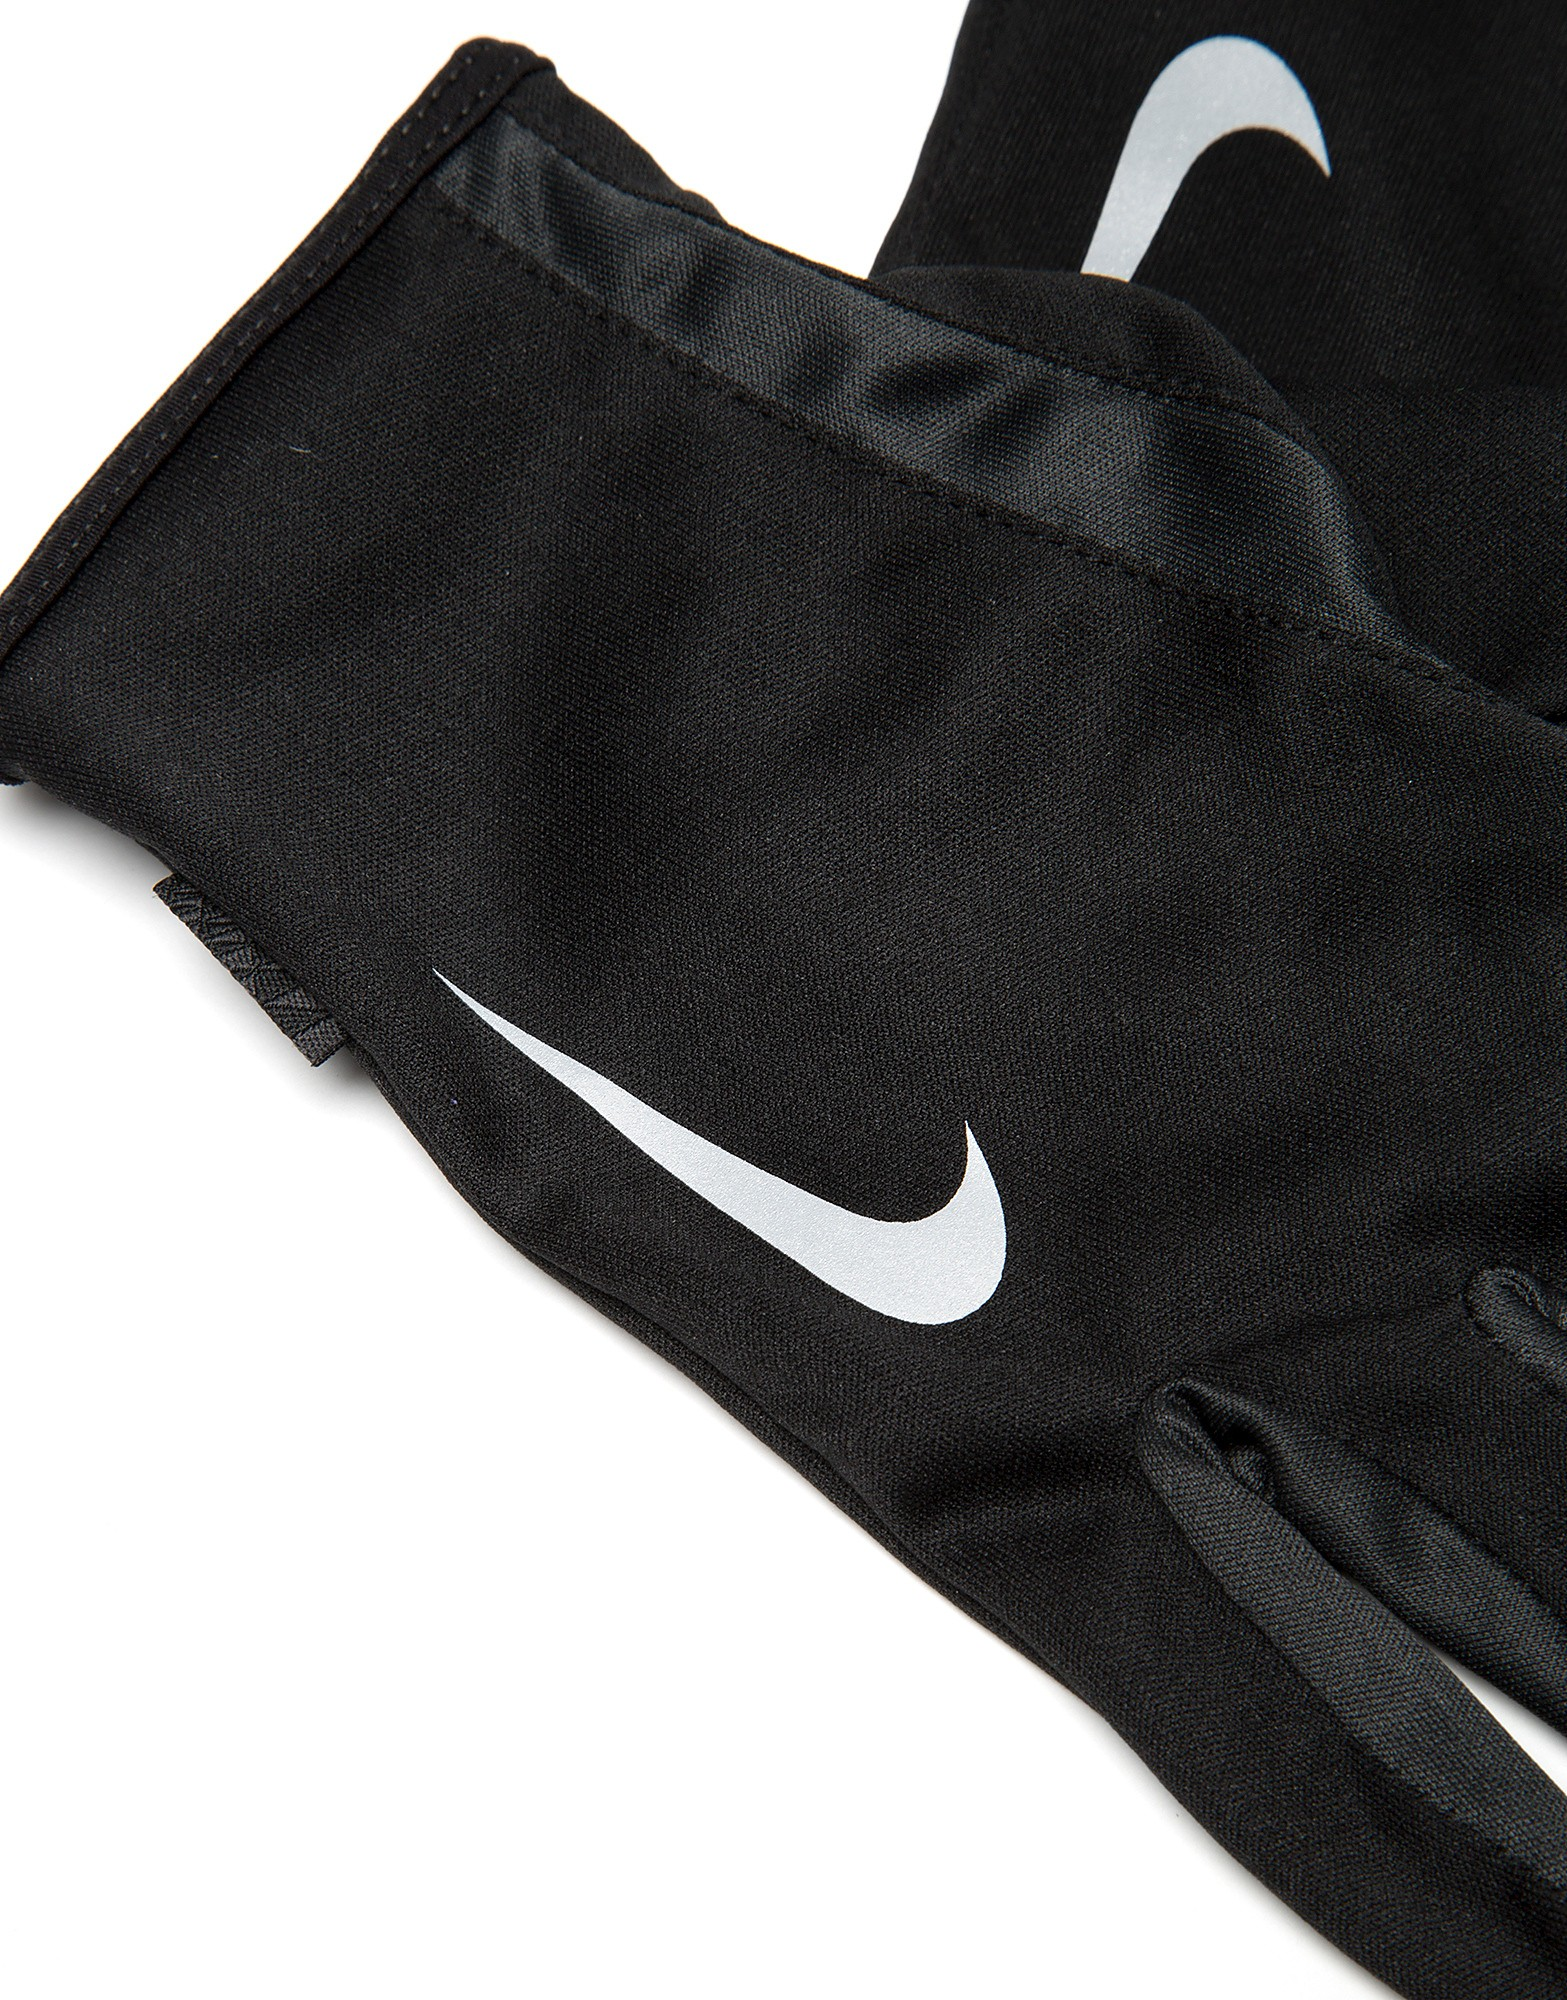 Nike Swift Running Gloves